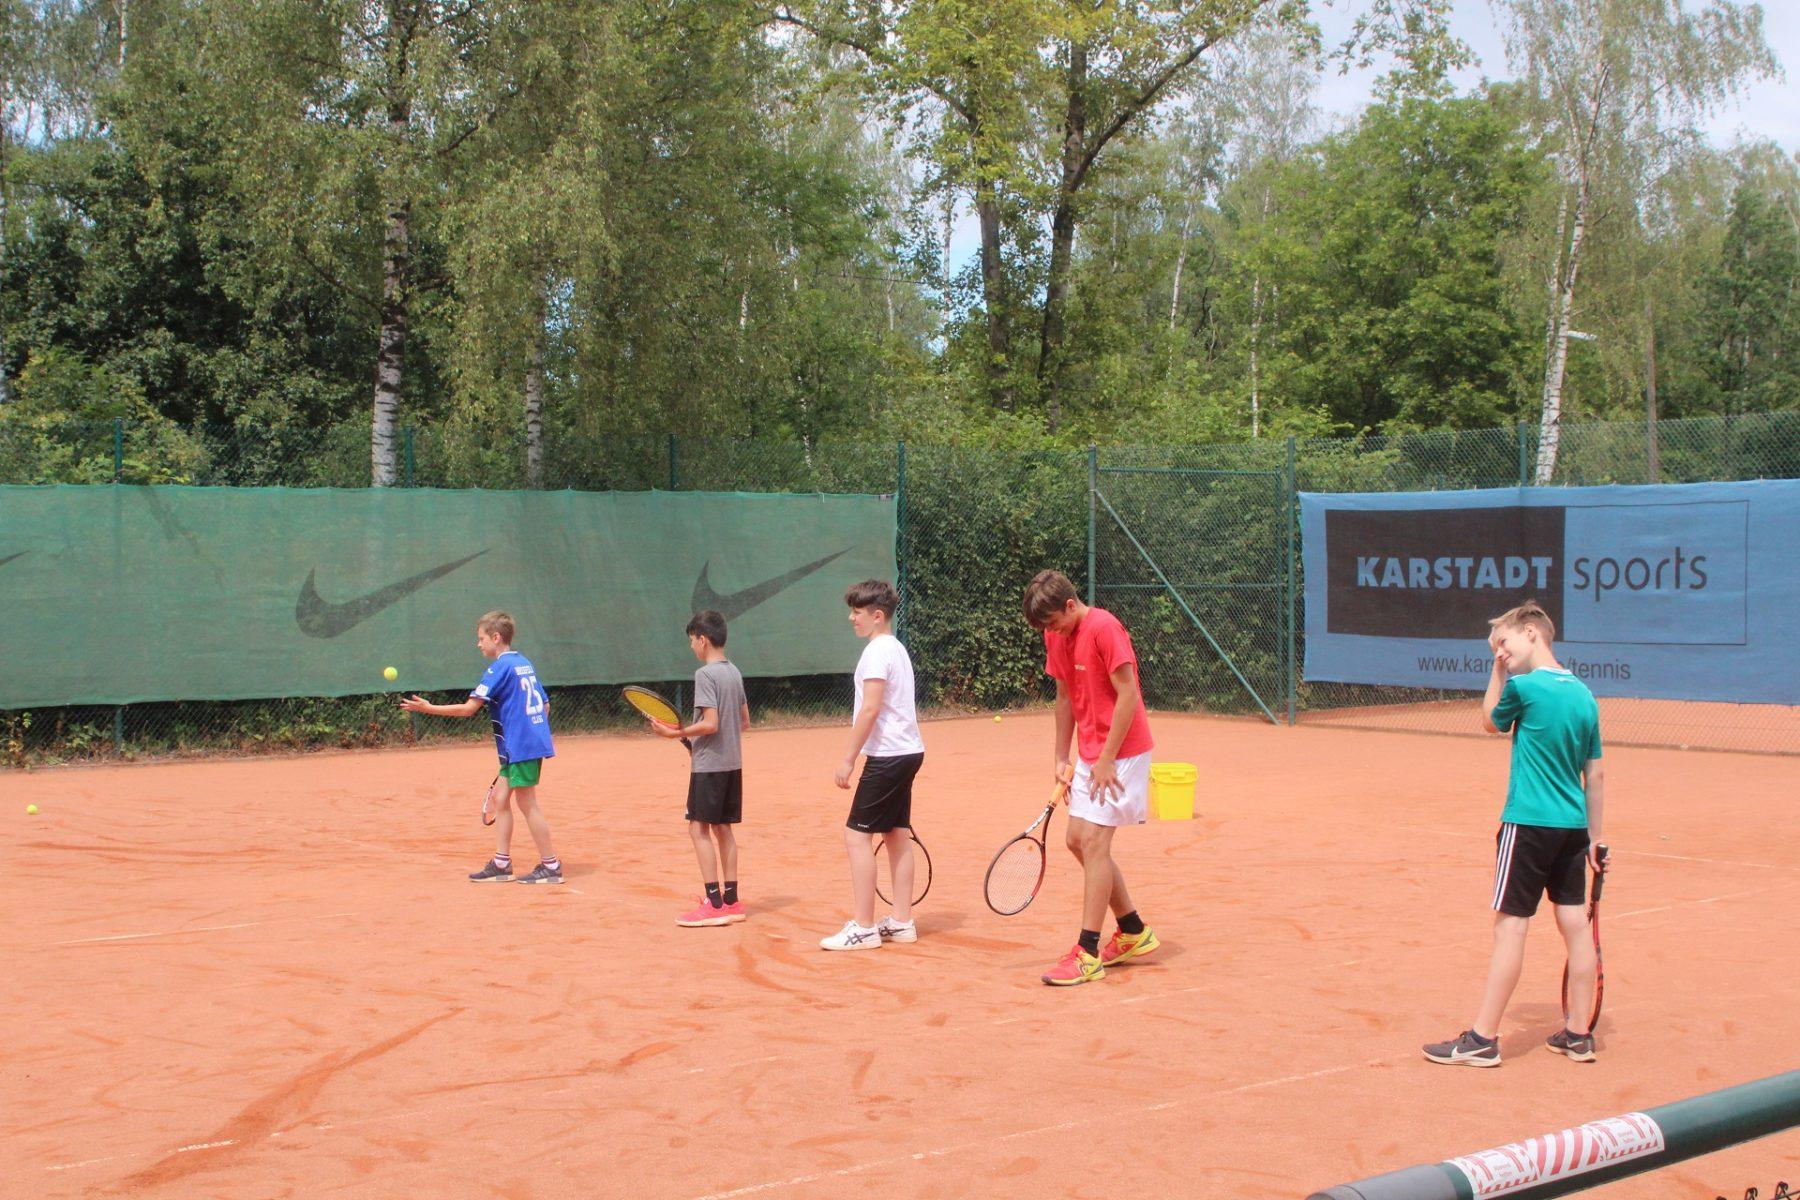 telekom-post-sv-tennisabteilung-feriencamp-2020-bild-10-klein